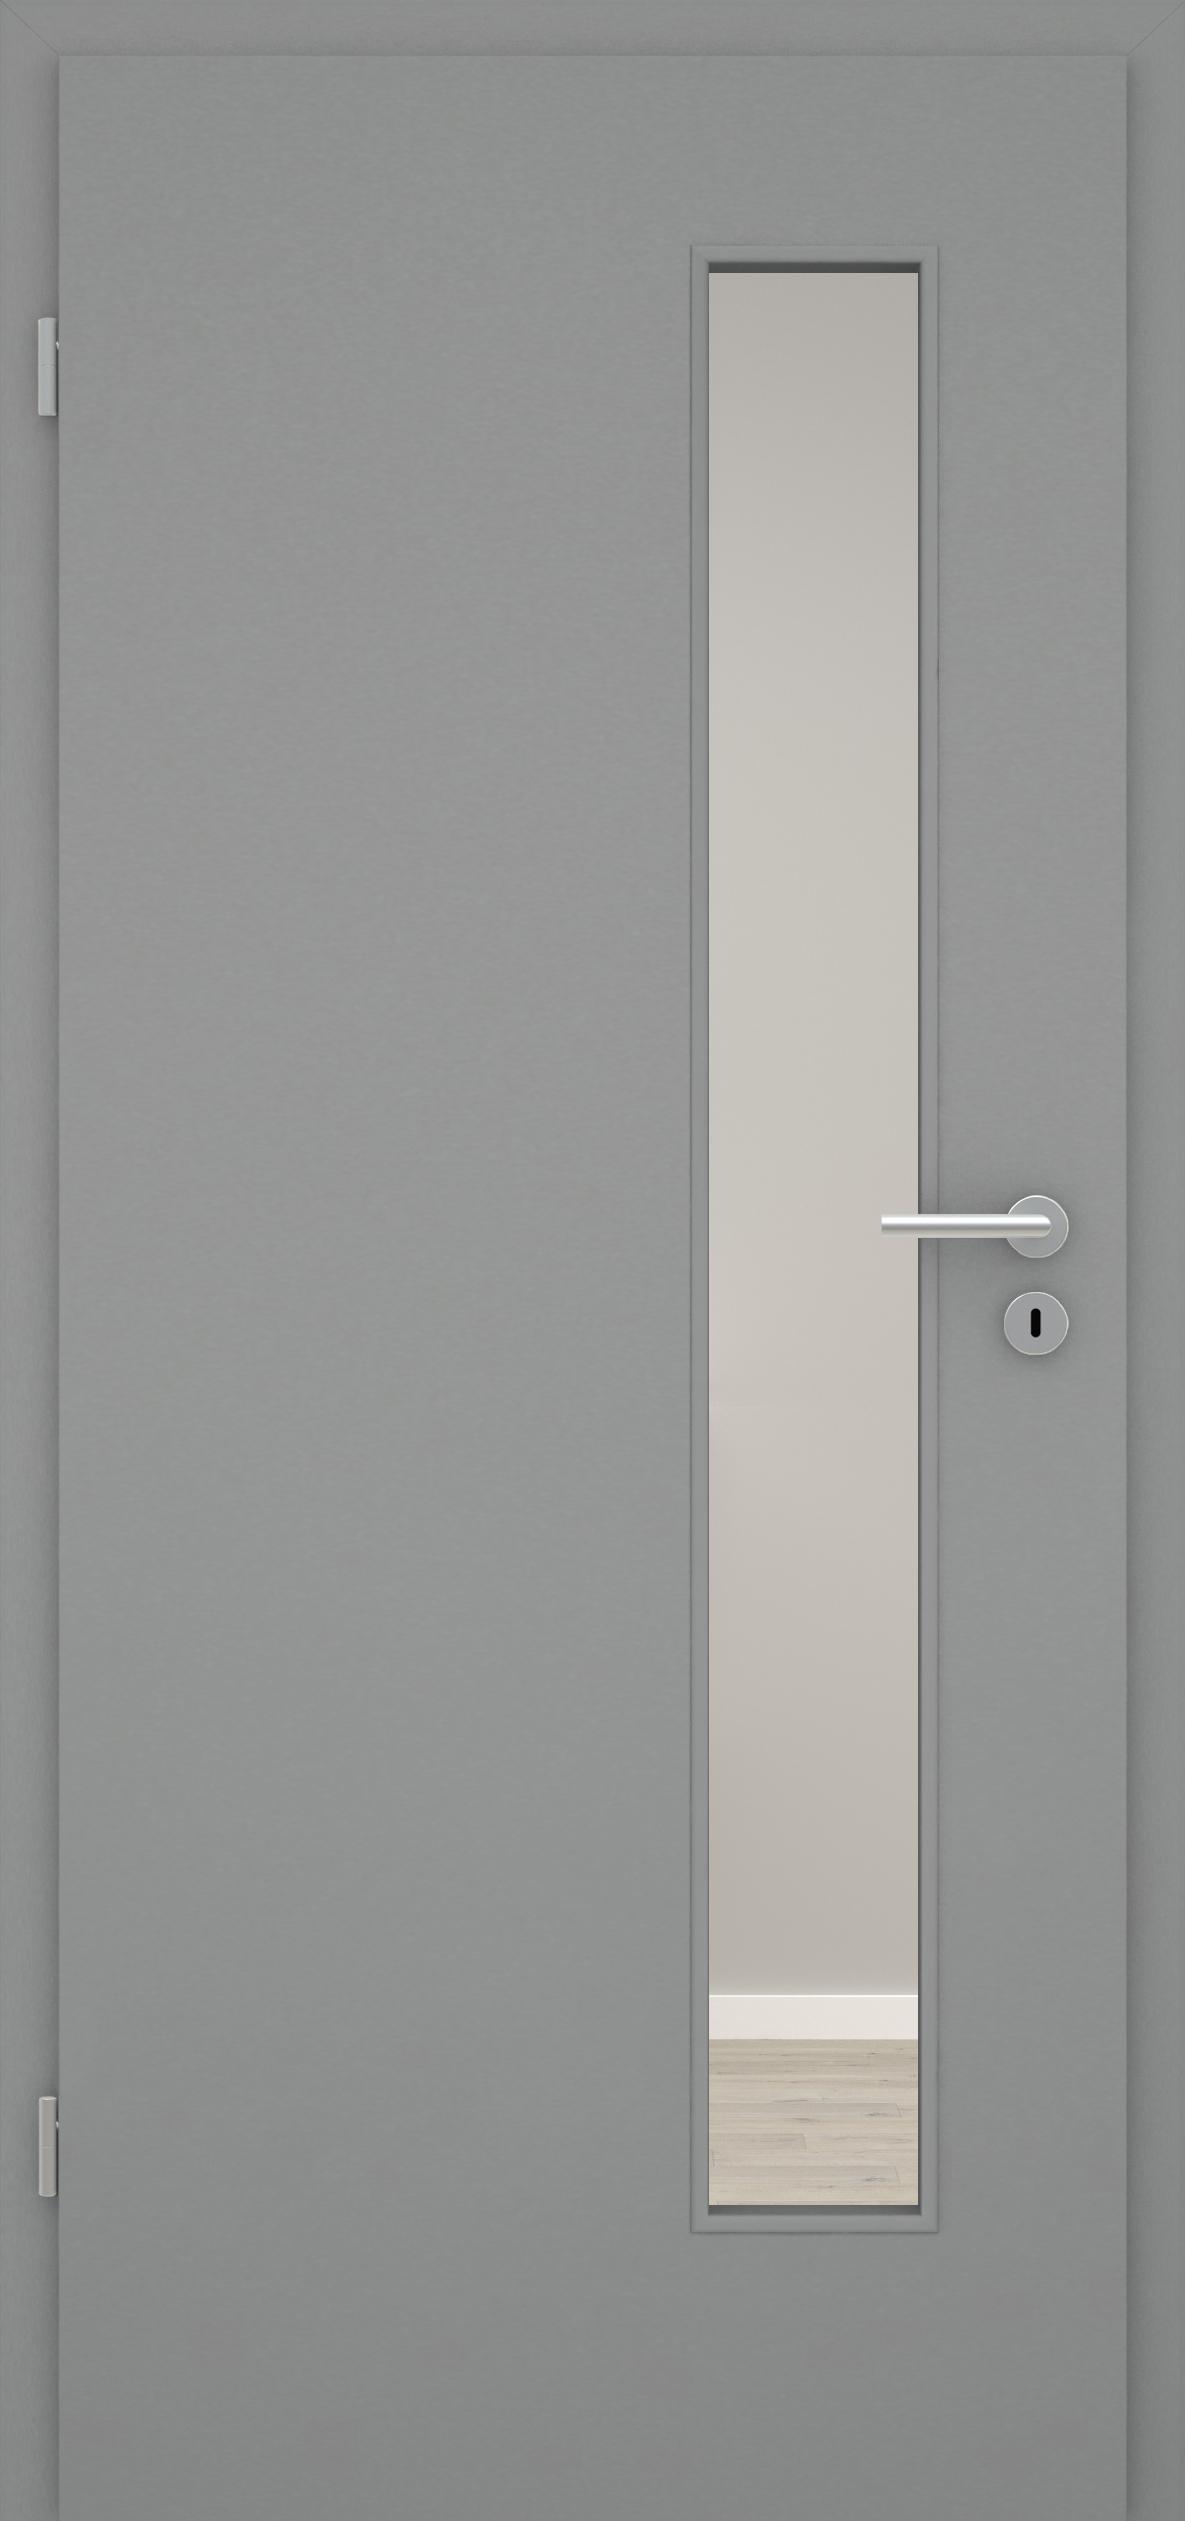 CPL Colour Arktisgrau LA 008 S